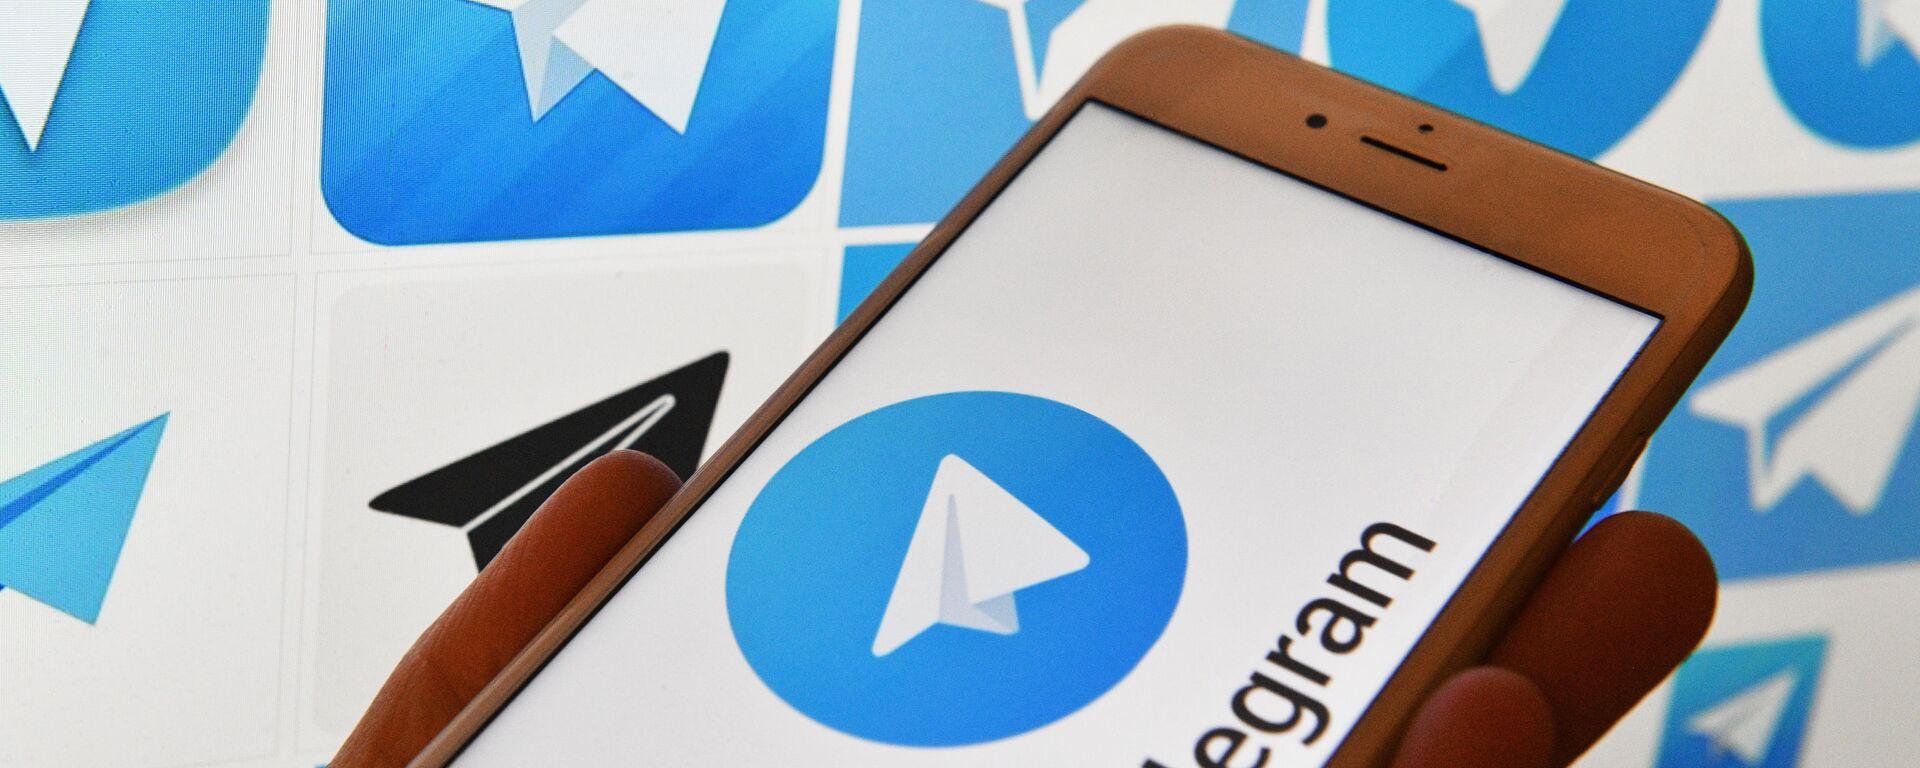 Логотип мессенджера Telegram на экранах смартфона и компьютера - Sputnik Узбекистан, 1920, 13.05.2021